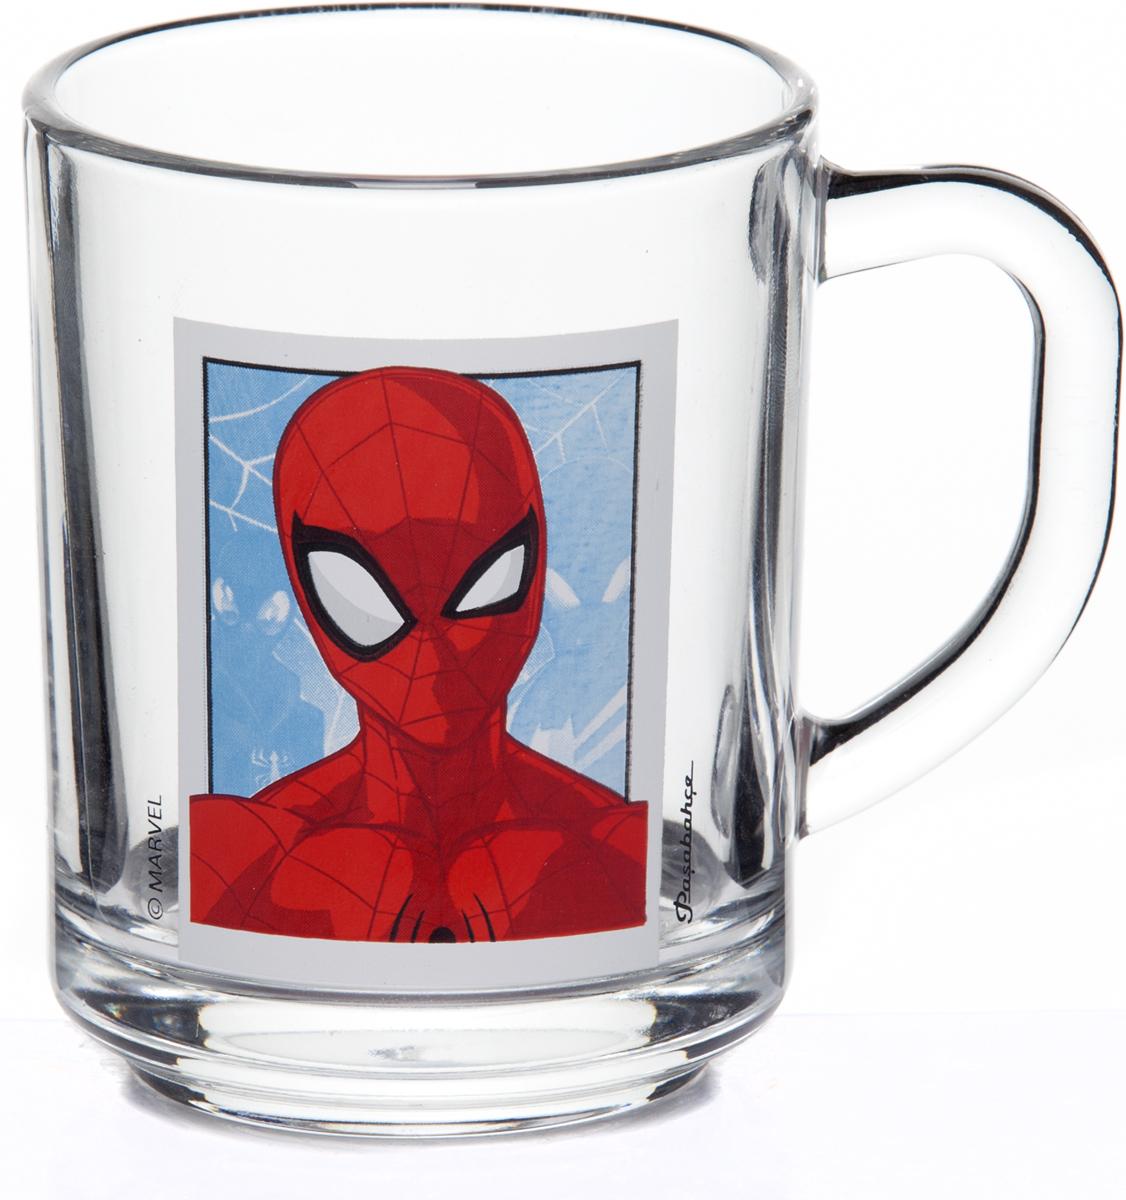 Кружка Pasabahce Человек-Паук, 250 мл.55029SLBD37Детская кружка Pasabahce Человек-Паук изготовлена из прозрачного стекла и украшена красивым рисунком. Изделие идеально подходит для сервировки стола. Кружка не только украсит ваш кухонный стол, но и понравится вашему ребенку.